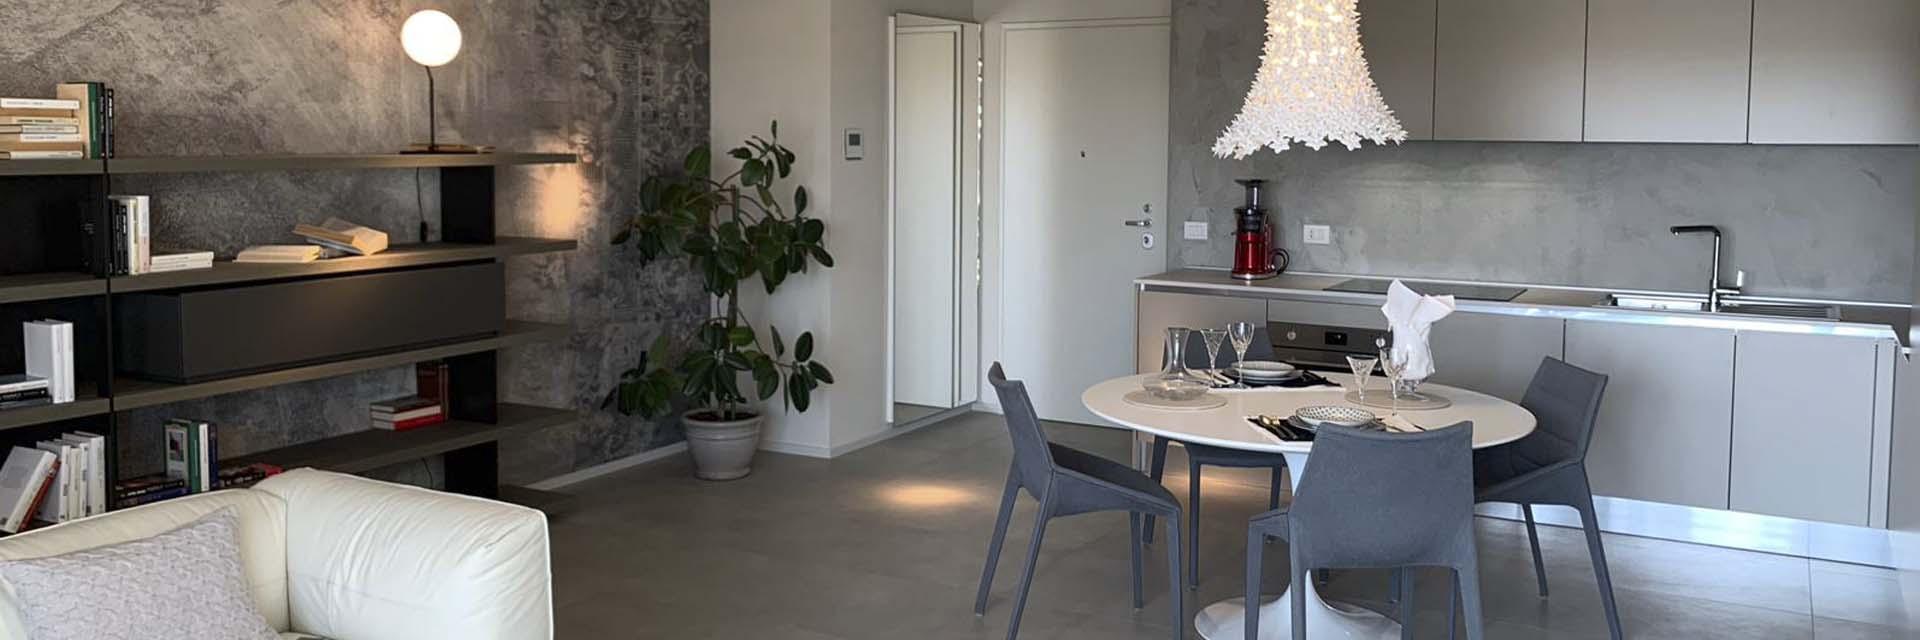 Arredamento E Casalinghi Bergamo.Zenucchi Arredamento I Migliori Brand E Le Migliori Idee